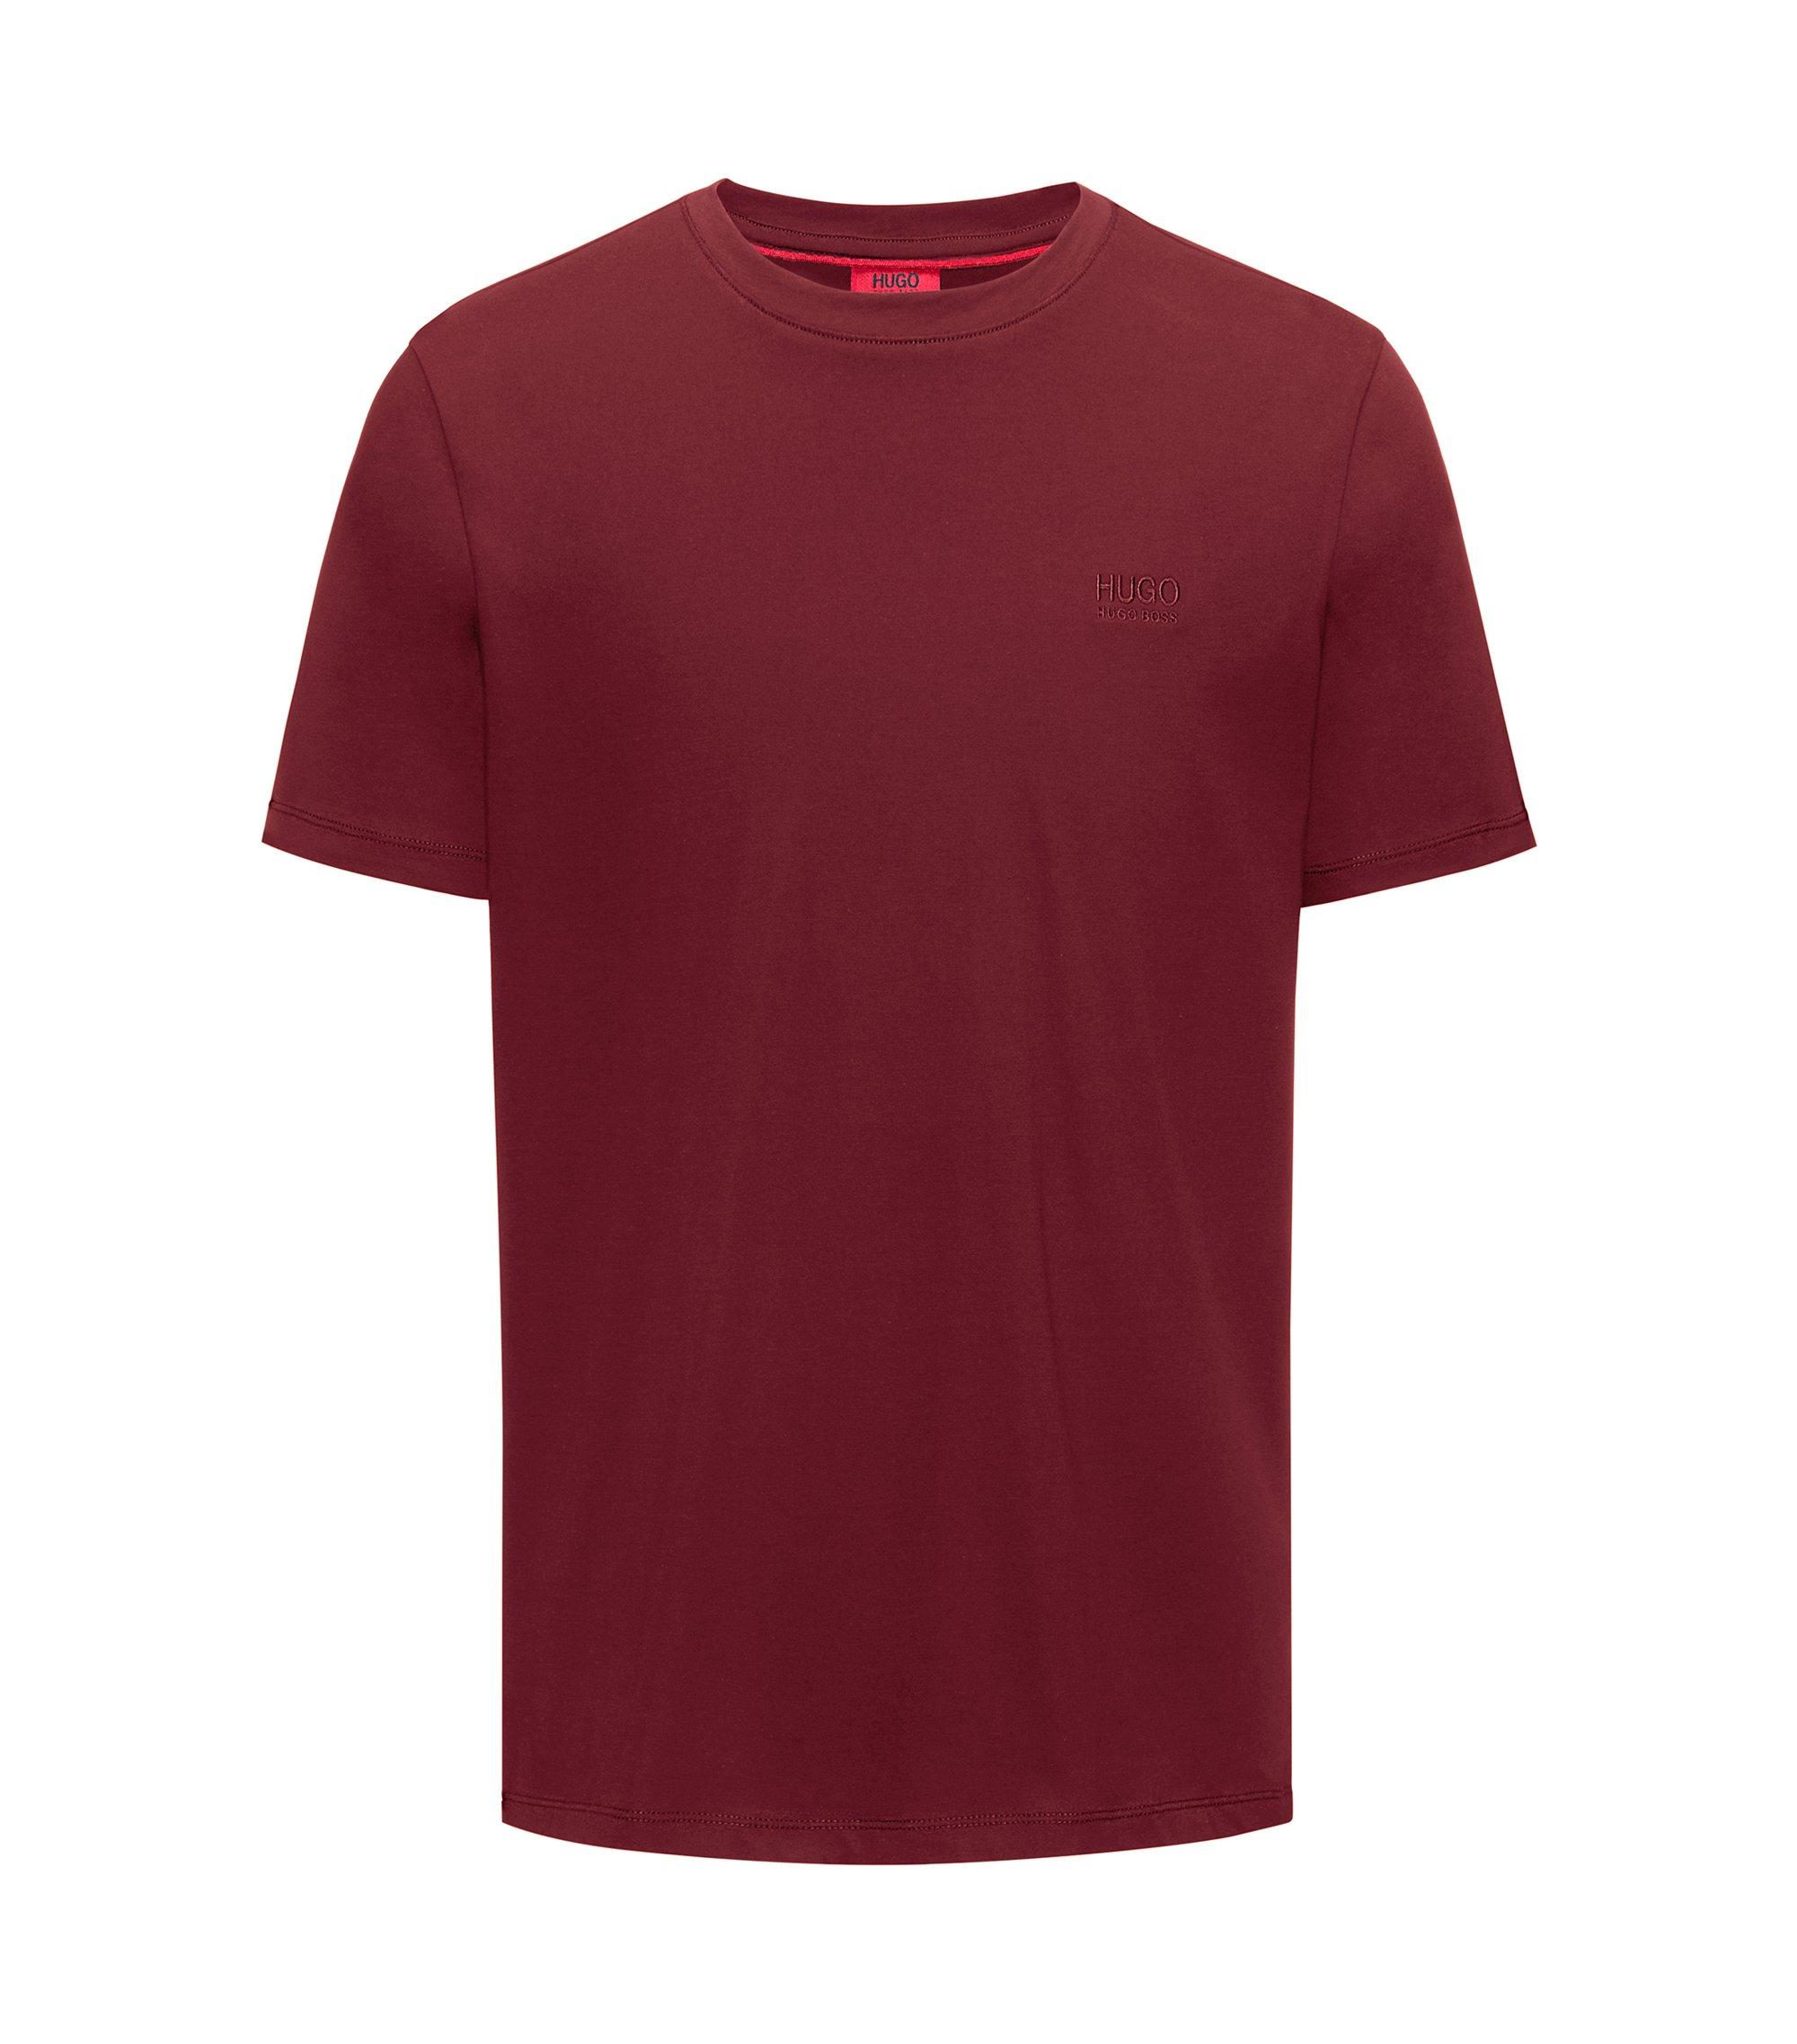 T-shirt Regular Fit en coton doux avec logo, Rouge sombre